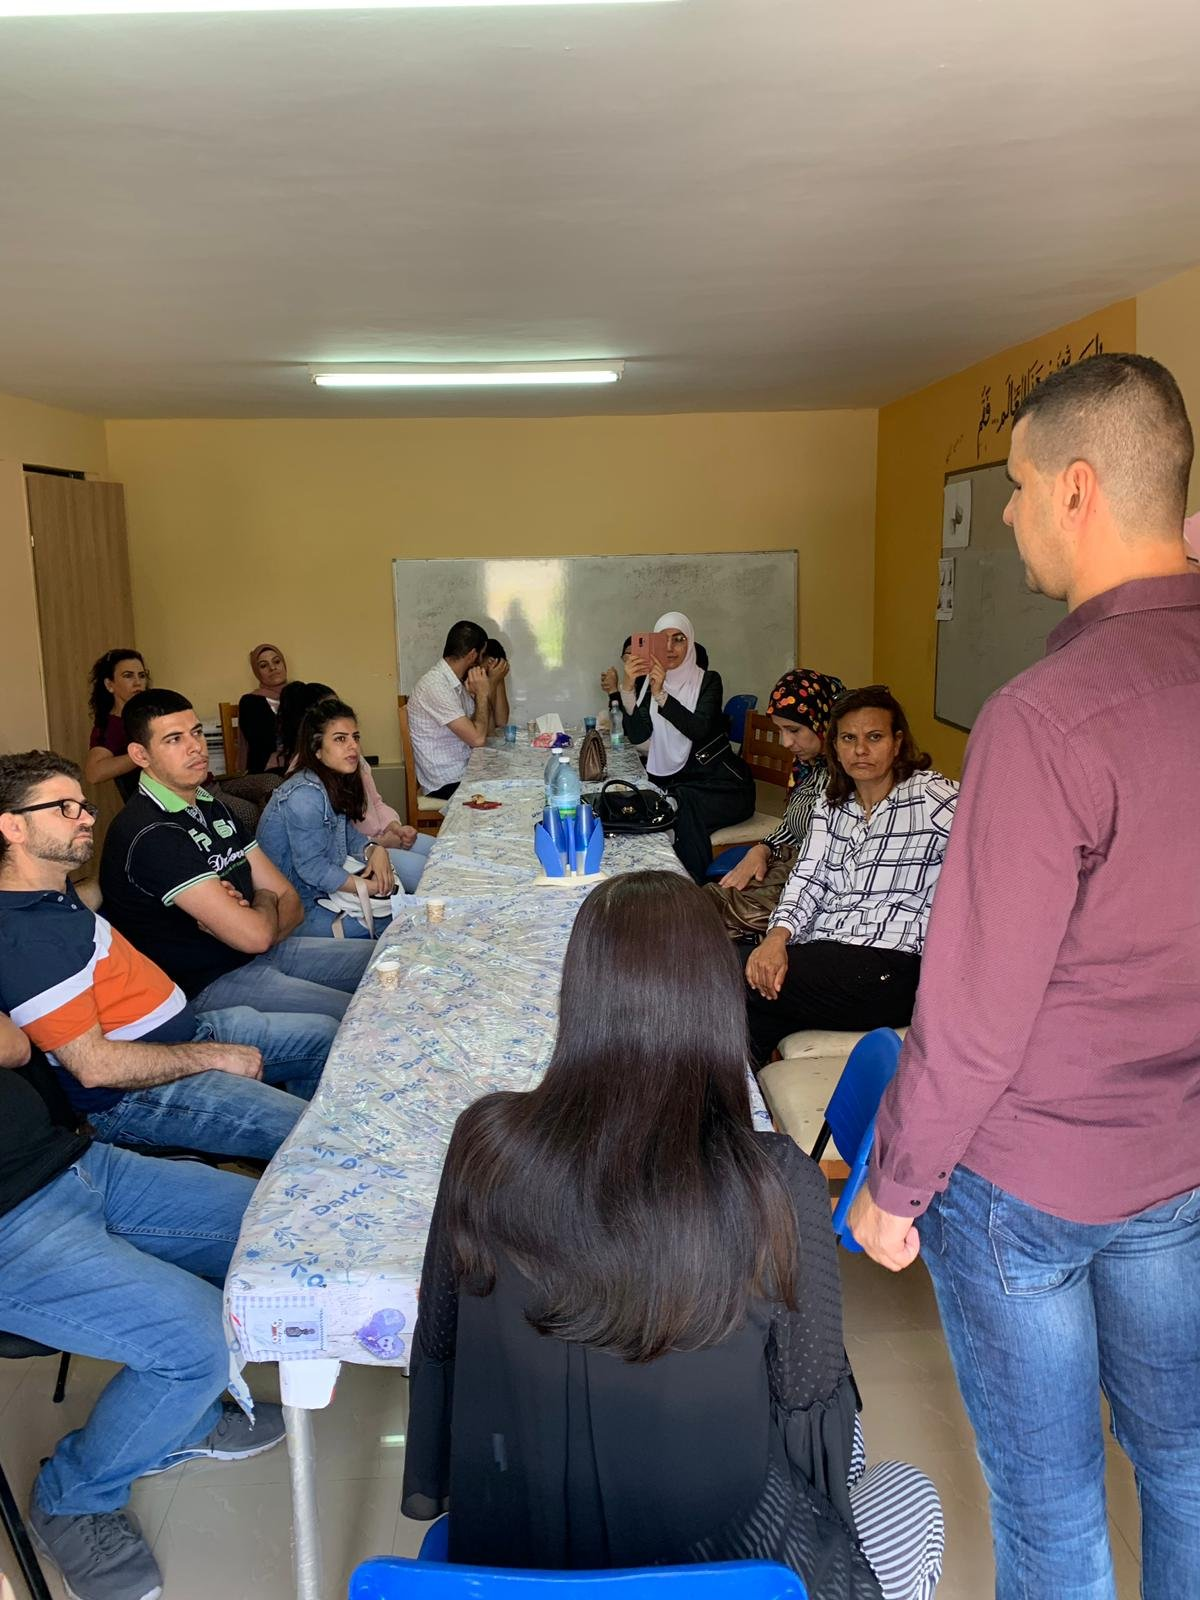 جمعية يد بيد للمكفوفين في قرية المشهد والمشروع الطلائعي بعنوان القيادة في عصر التكنولوجيا.